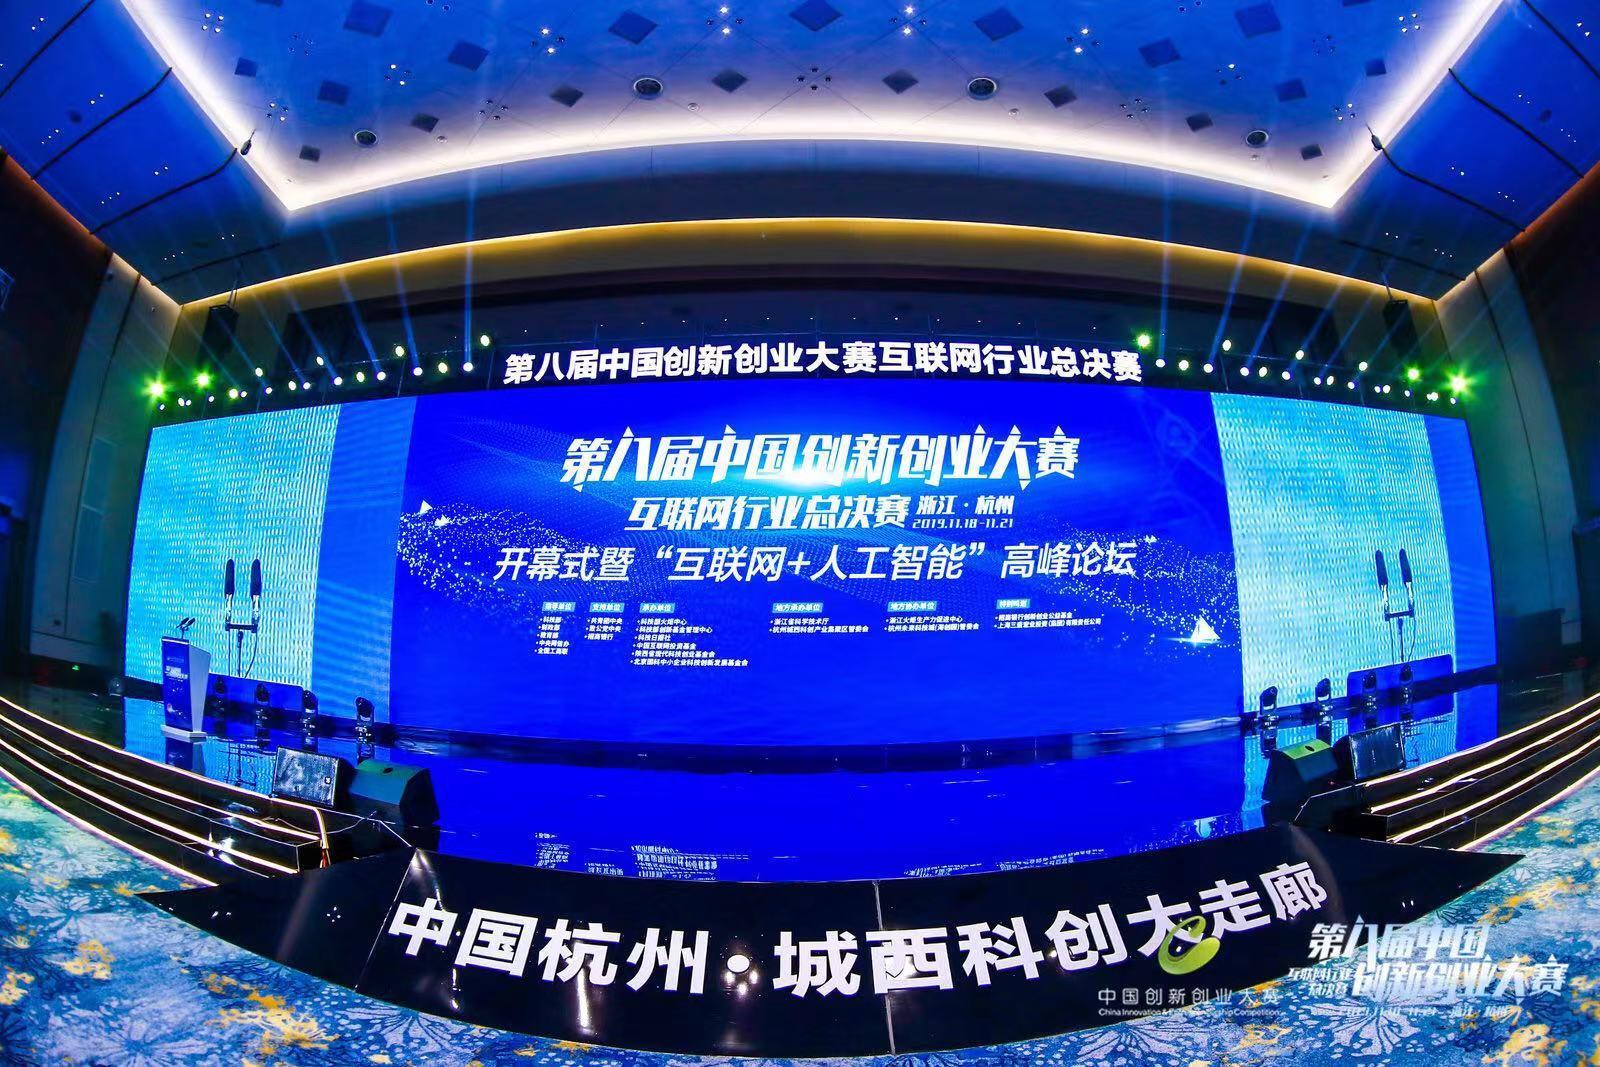 云拿科技荣膺第八届中国创新创业大赛总决赛优秀企业奖